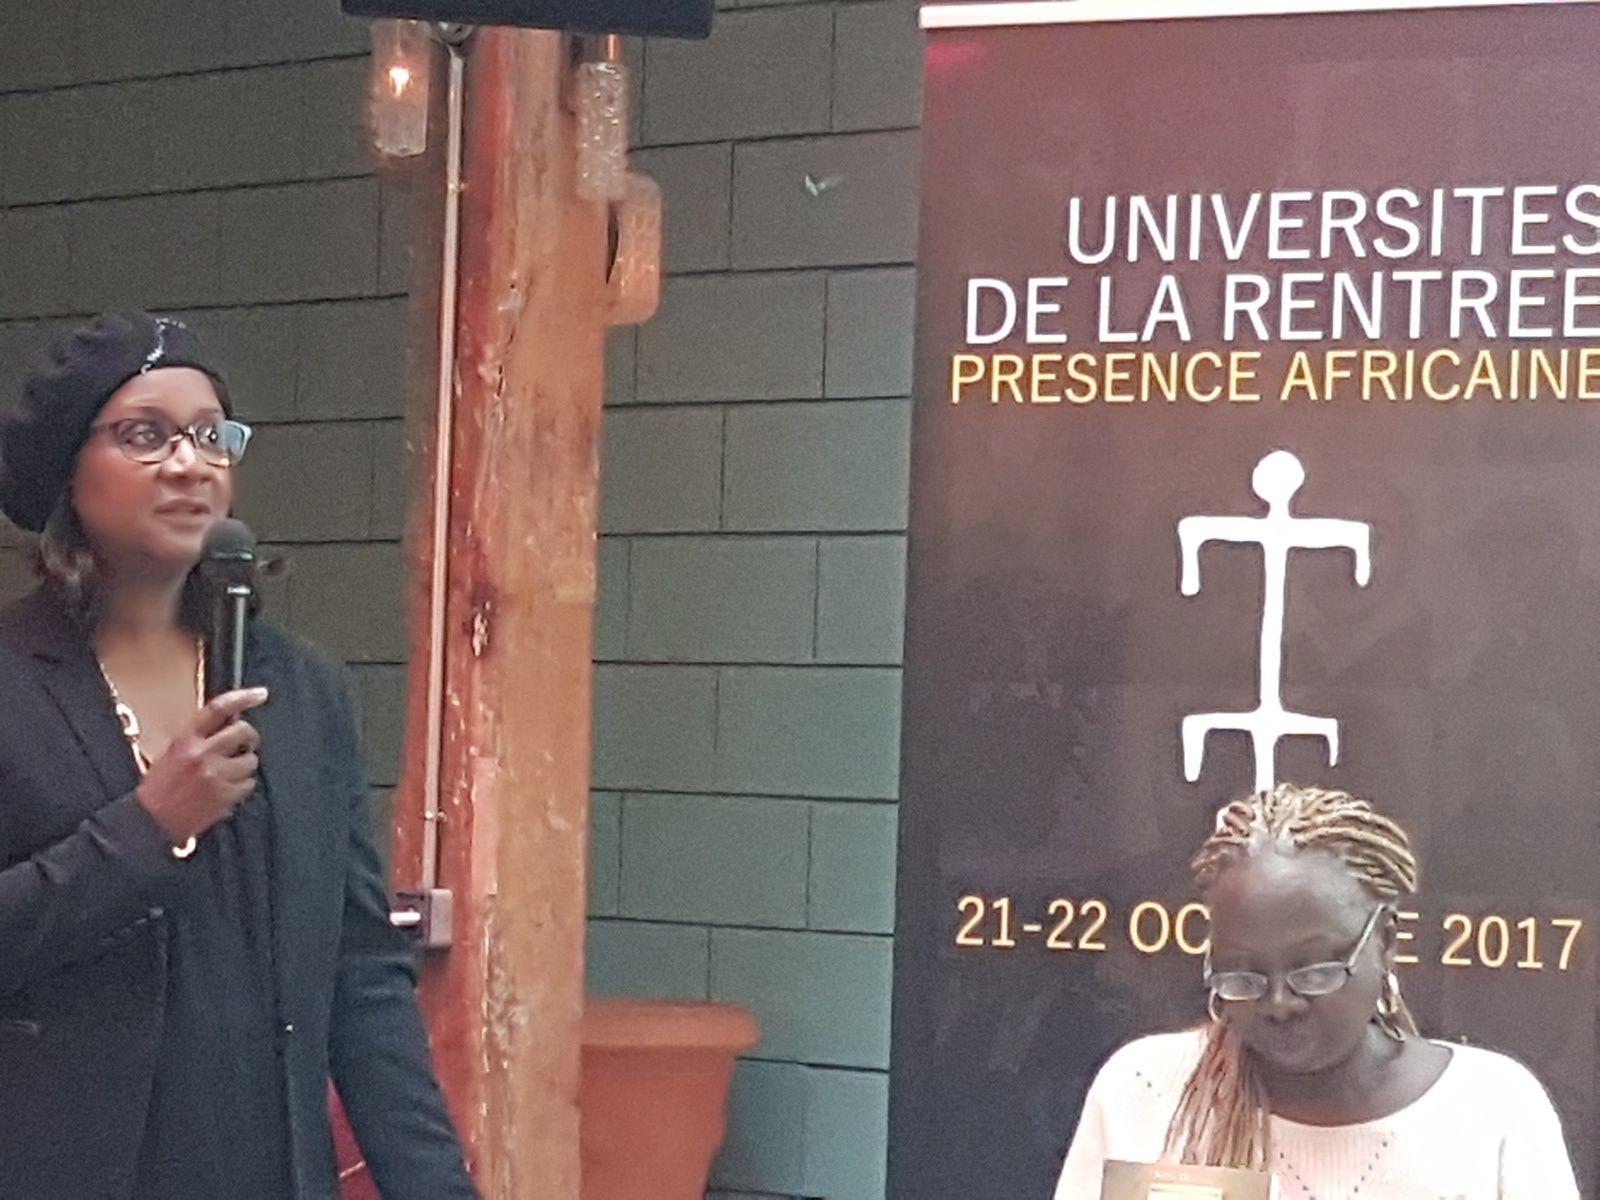 Mme Yande Christiane DIOP présidente des éditions Présence Africaine, rue des écoles Paris 5eme